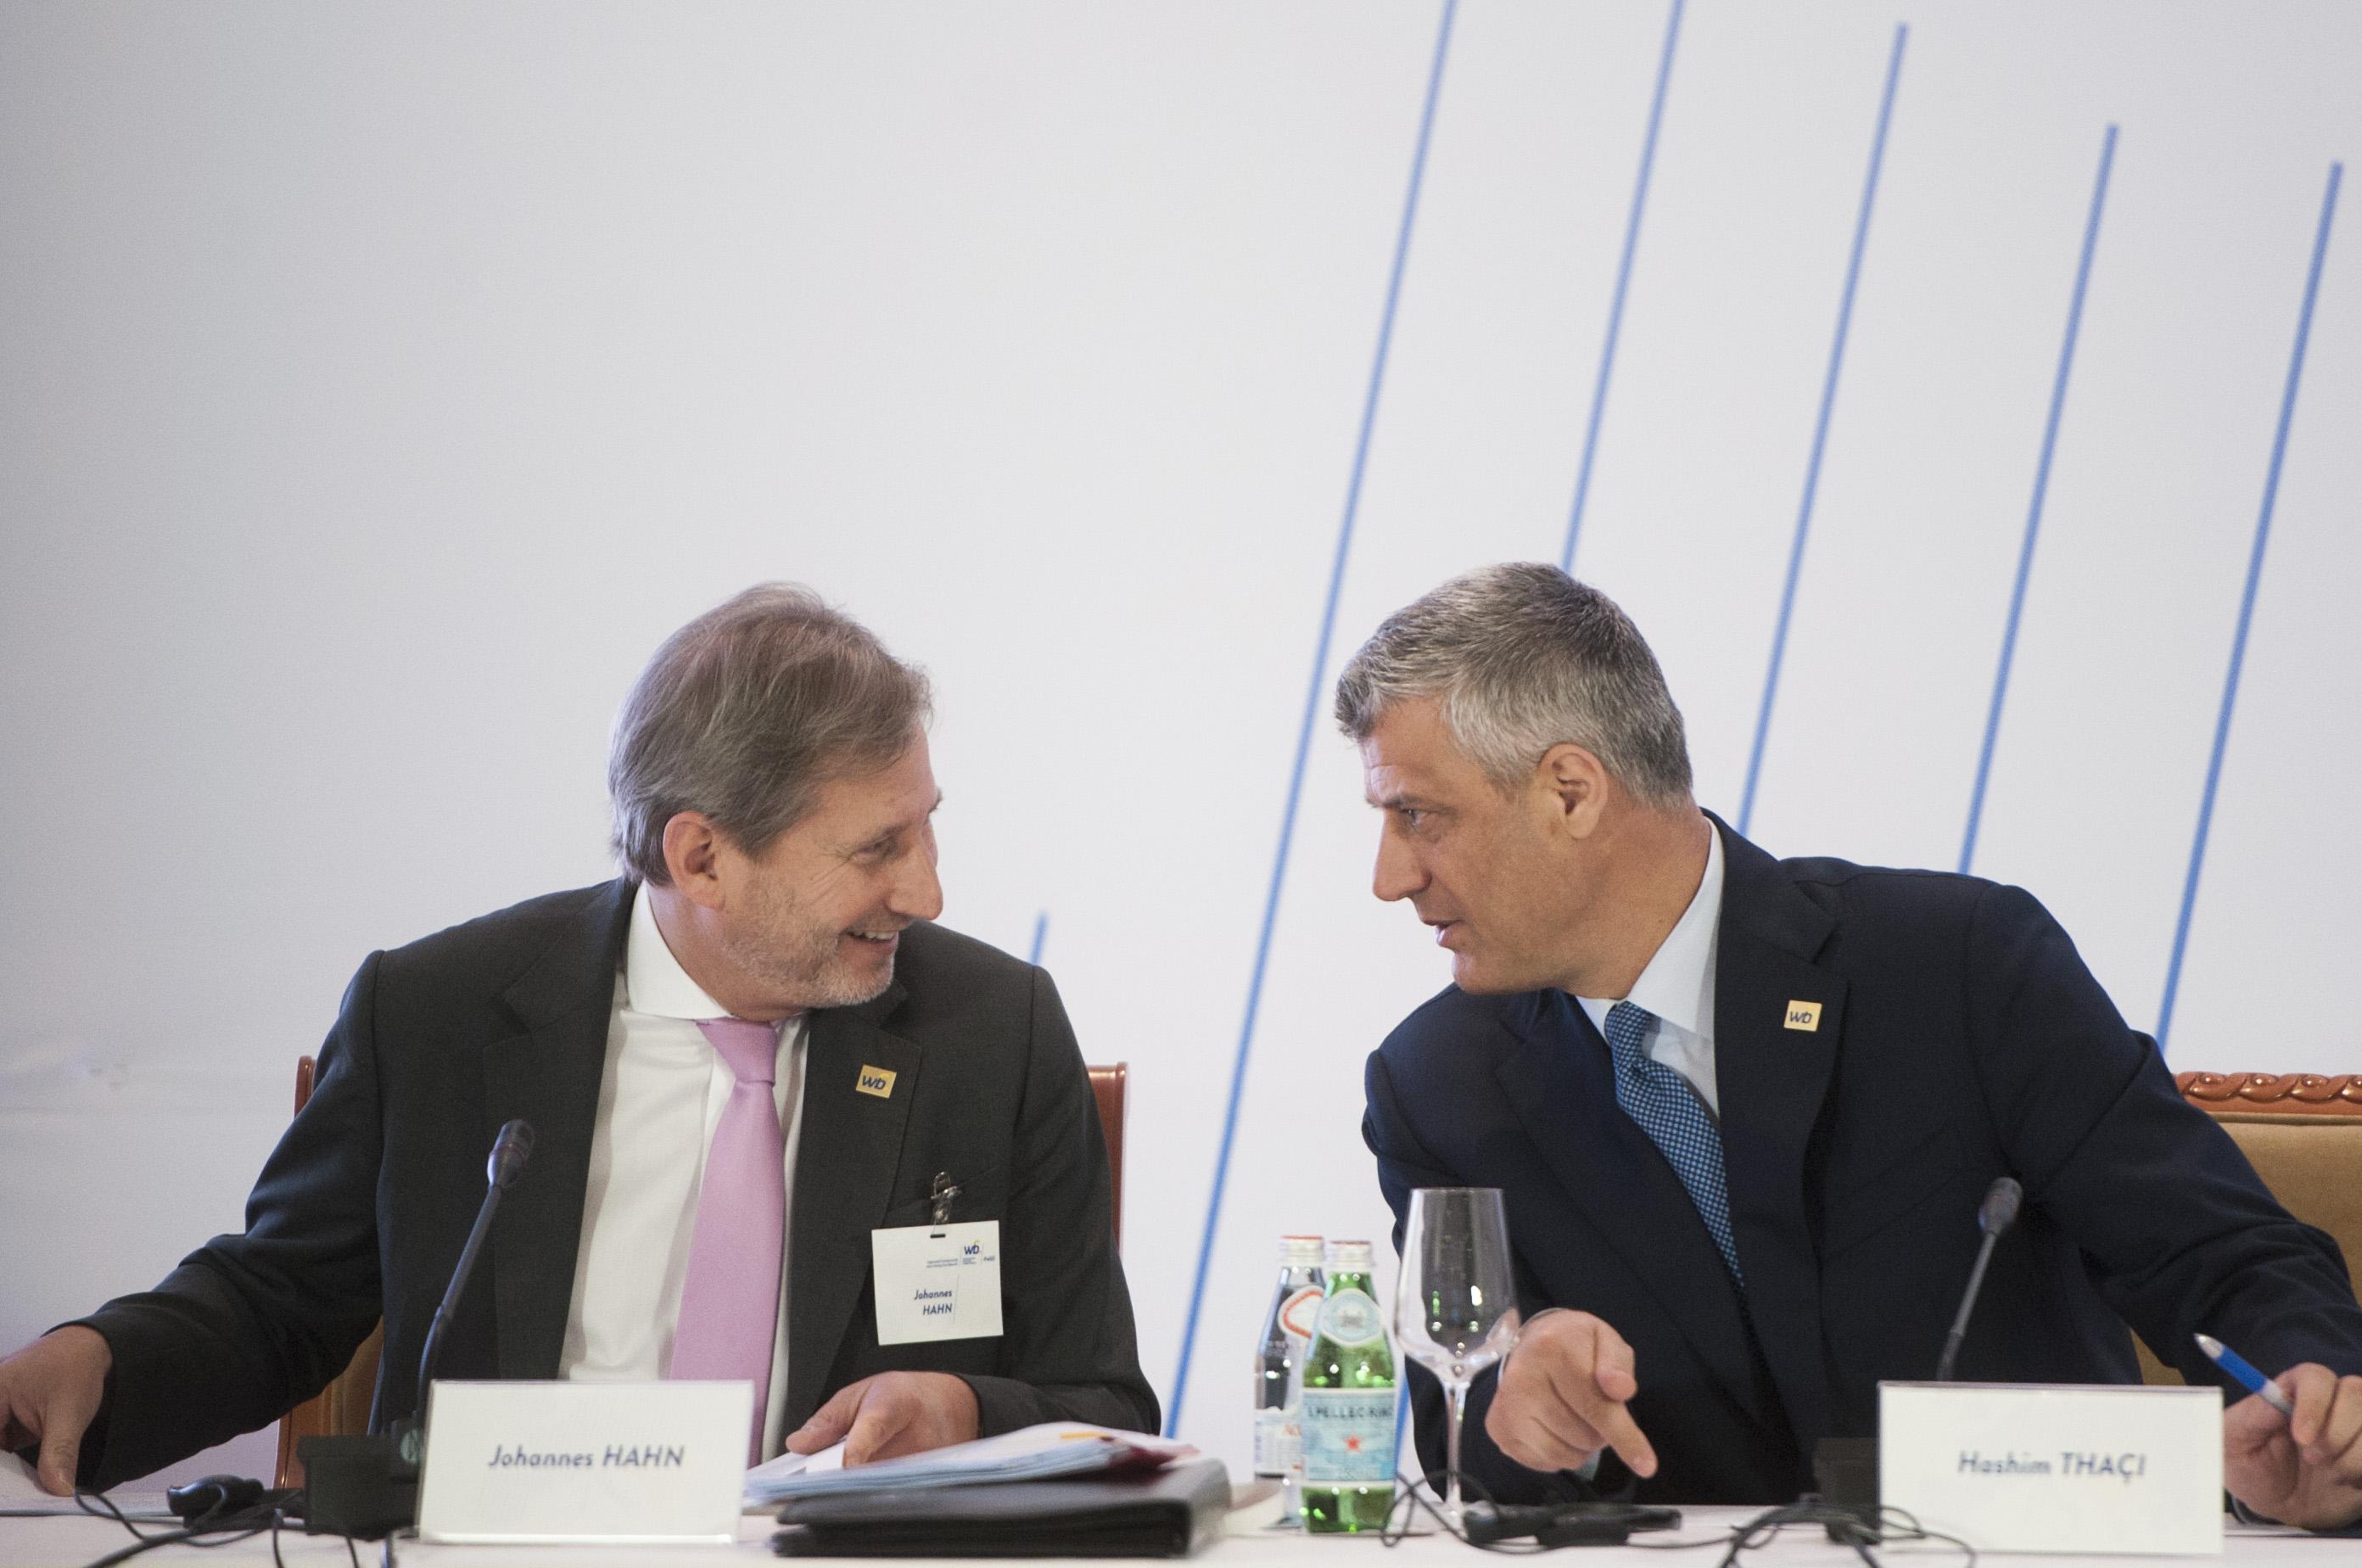 Johannes Hahn, miembro de la Comisión Europea, con Hashim Thaci en marzo de 2015 (Foto: Comisión Europea)